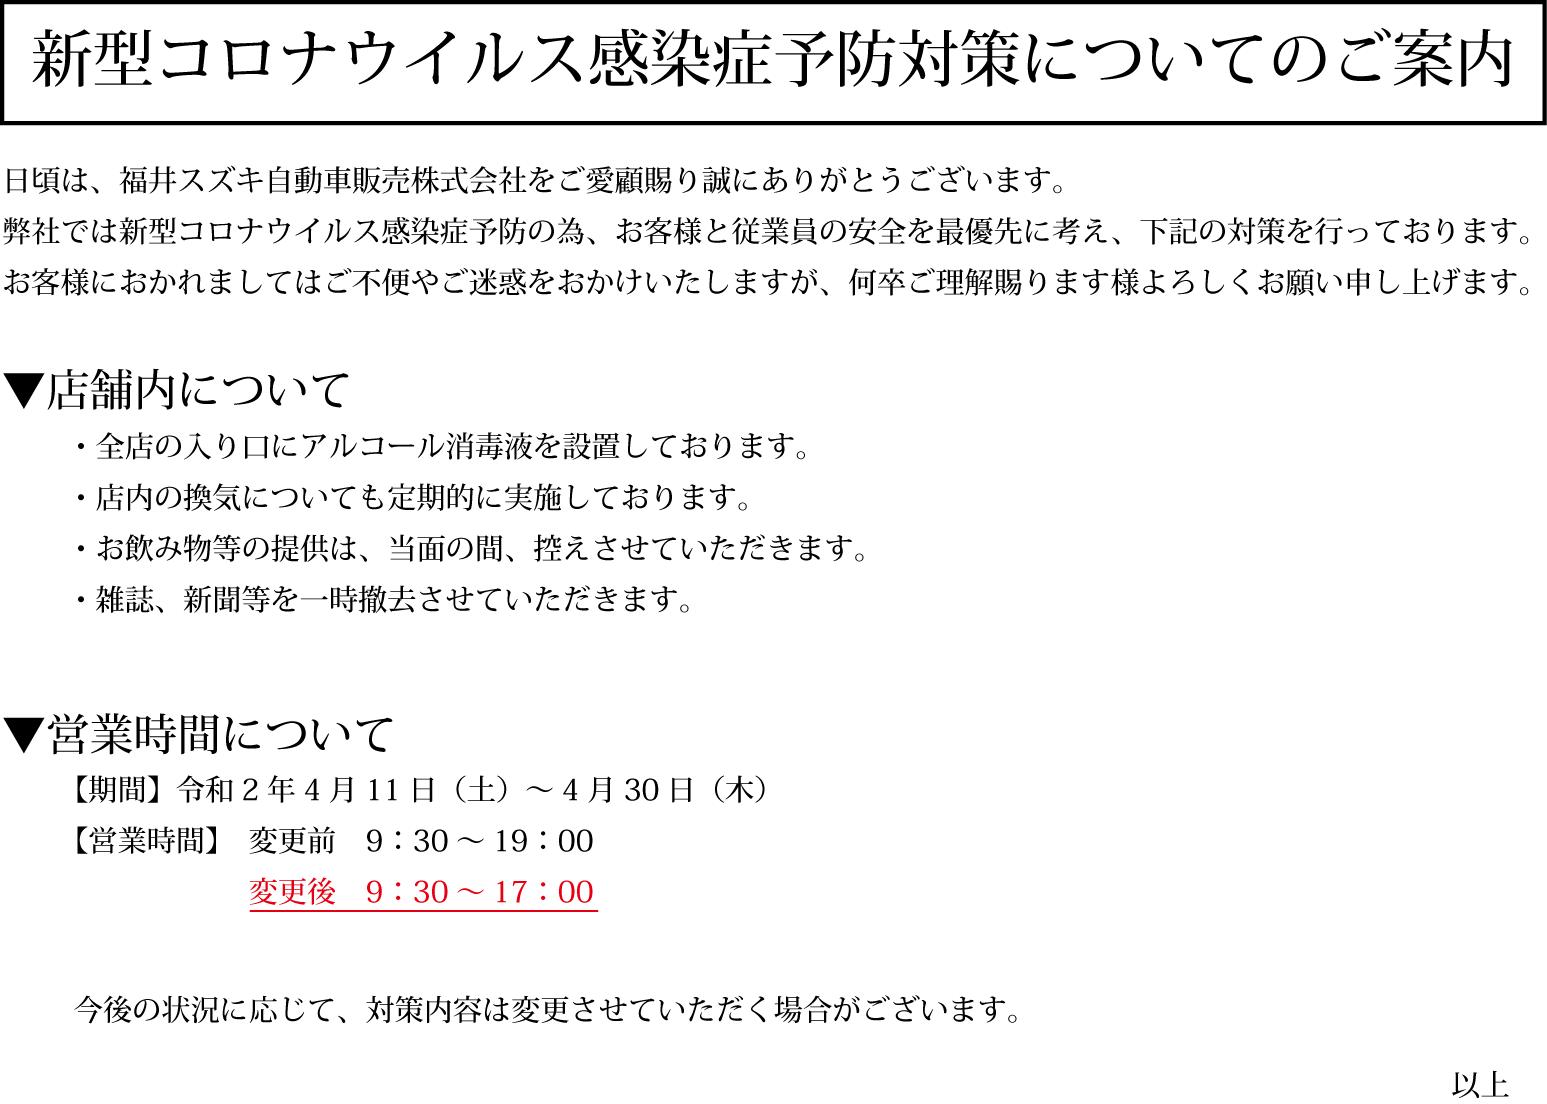 新聞 コロナ ウイルス 福井